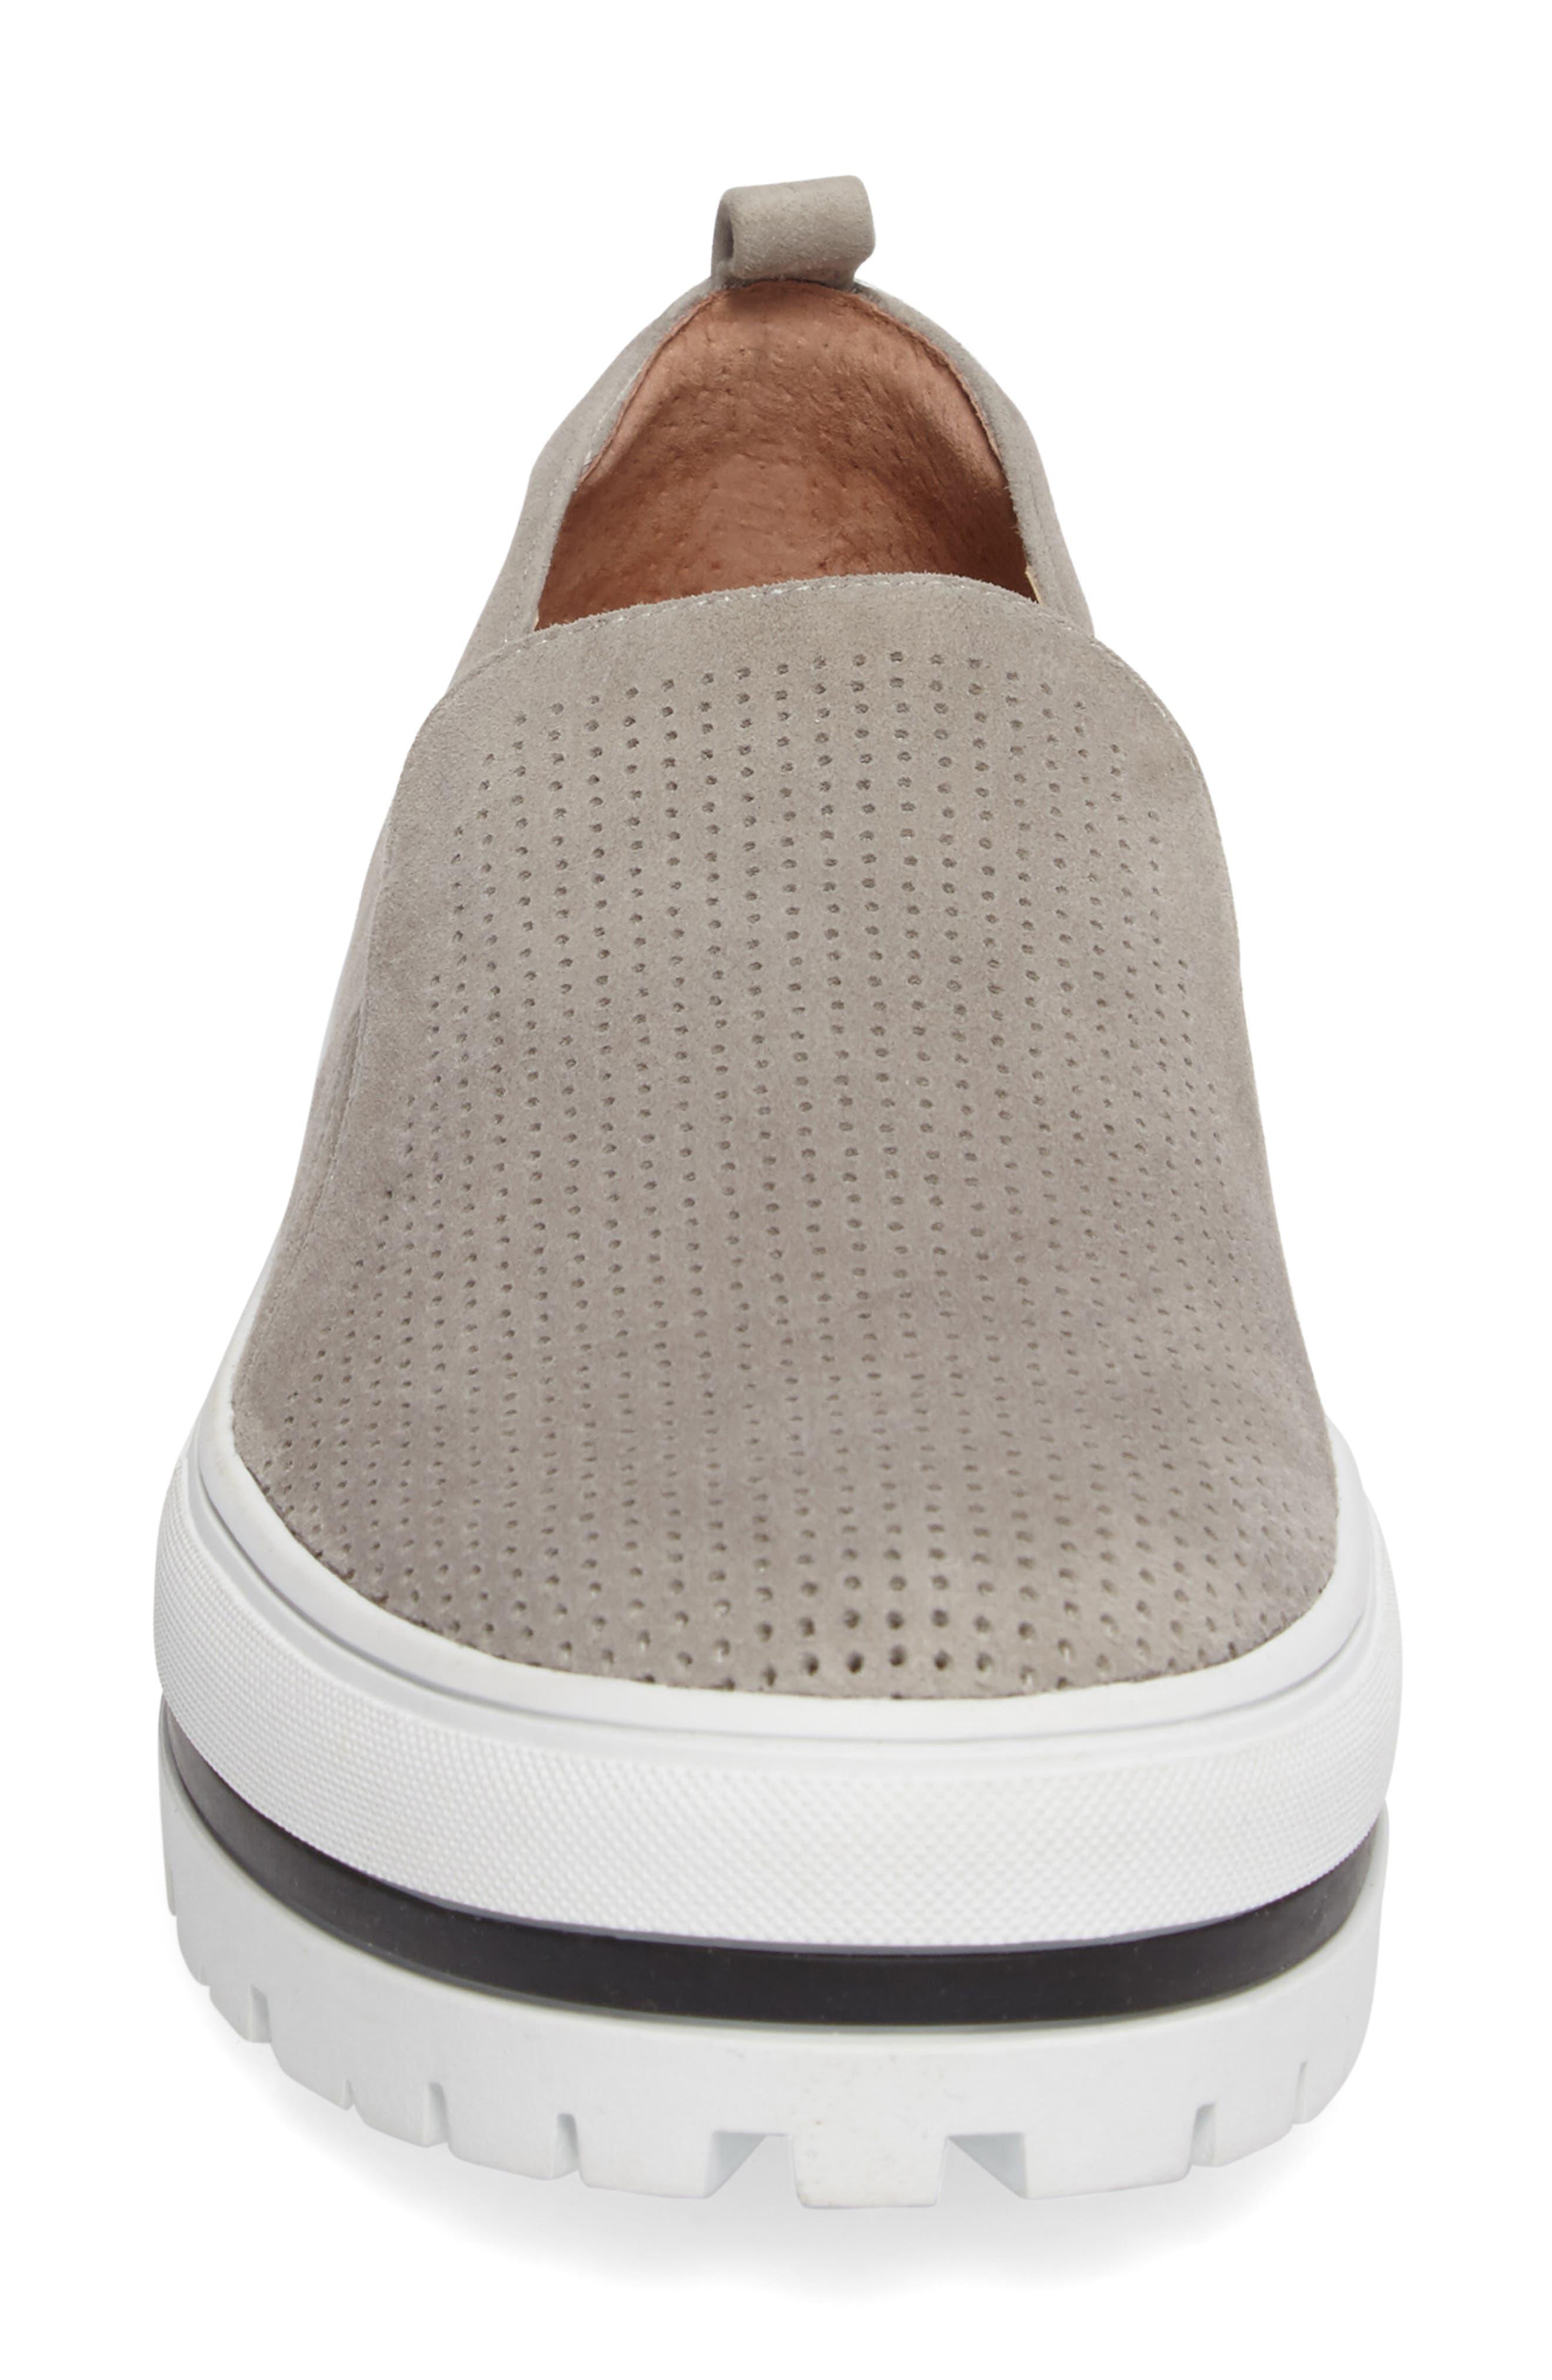 Teagen Sneaker,                             Alternate thumbnail 26, color,